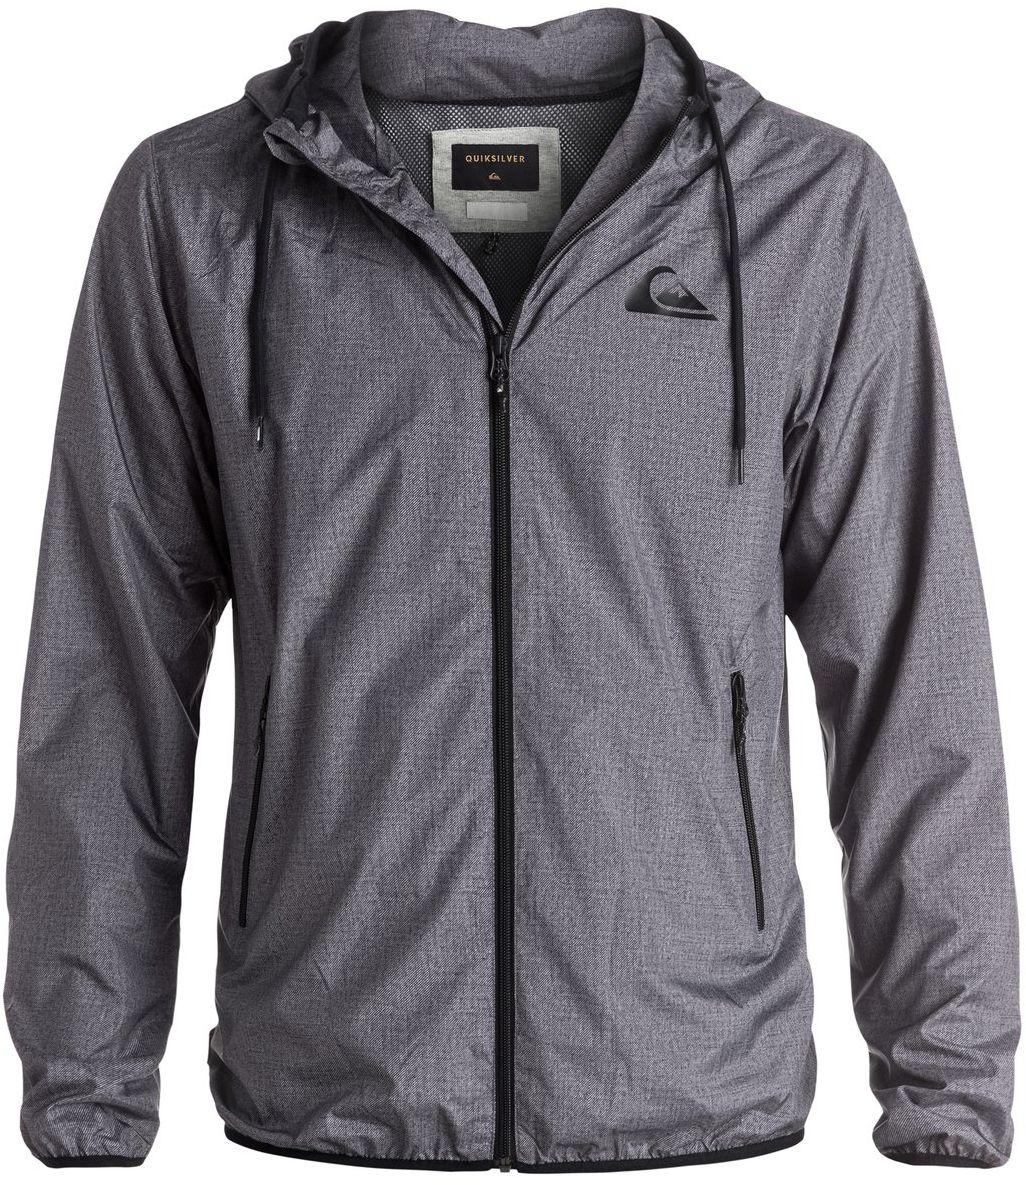 Куртка мужская Quiksilver, цвет: серый. EQYJK03238-KTFH. Размер M (48/50)EQYJK03238-KTFHМужская куртка для Quiksilver выполнена из полиэстера. Модель с длинными рукавами и капюшоном застегивается на застежку-молнию. Изделие имеет спереди два врезных кармана. Рукава и низ куртки дополнены эластичными резинками.